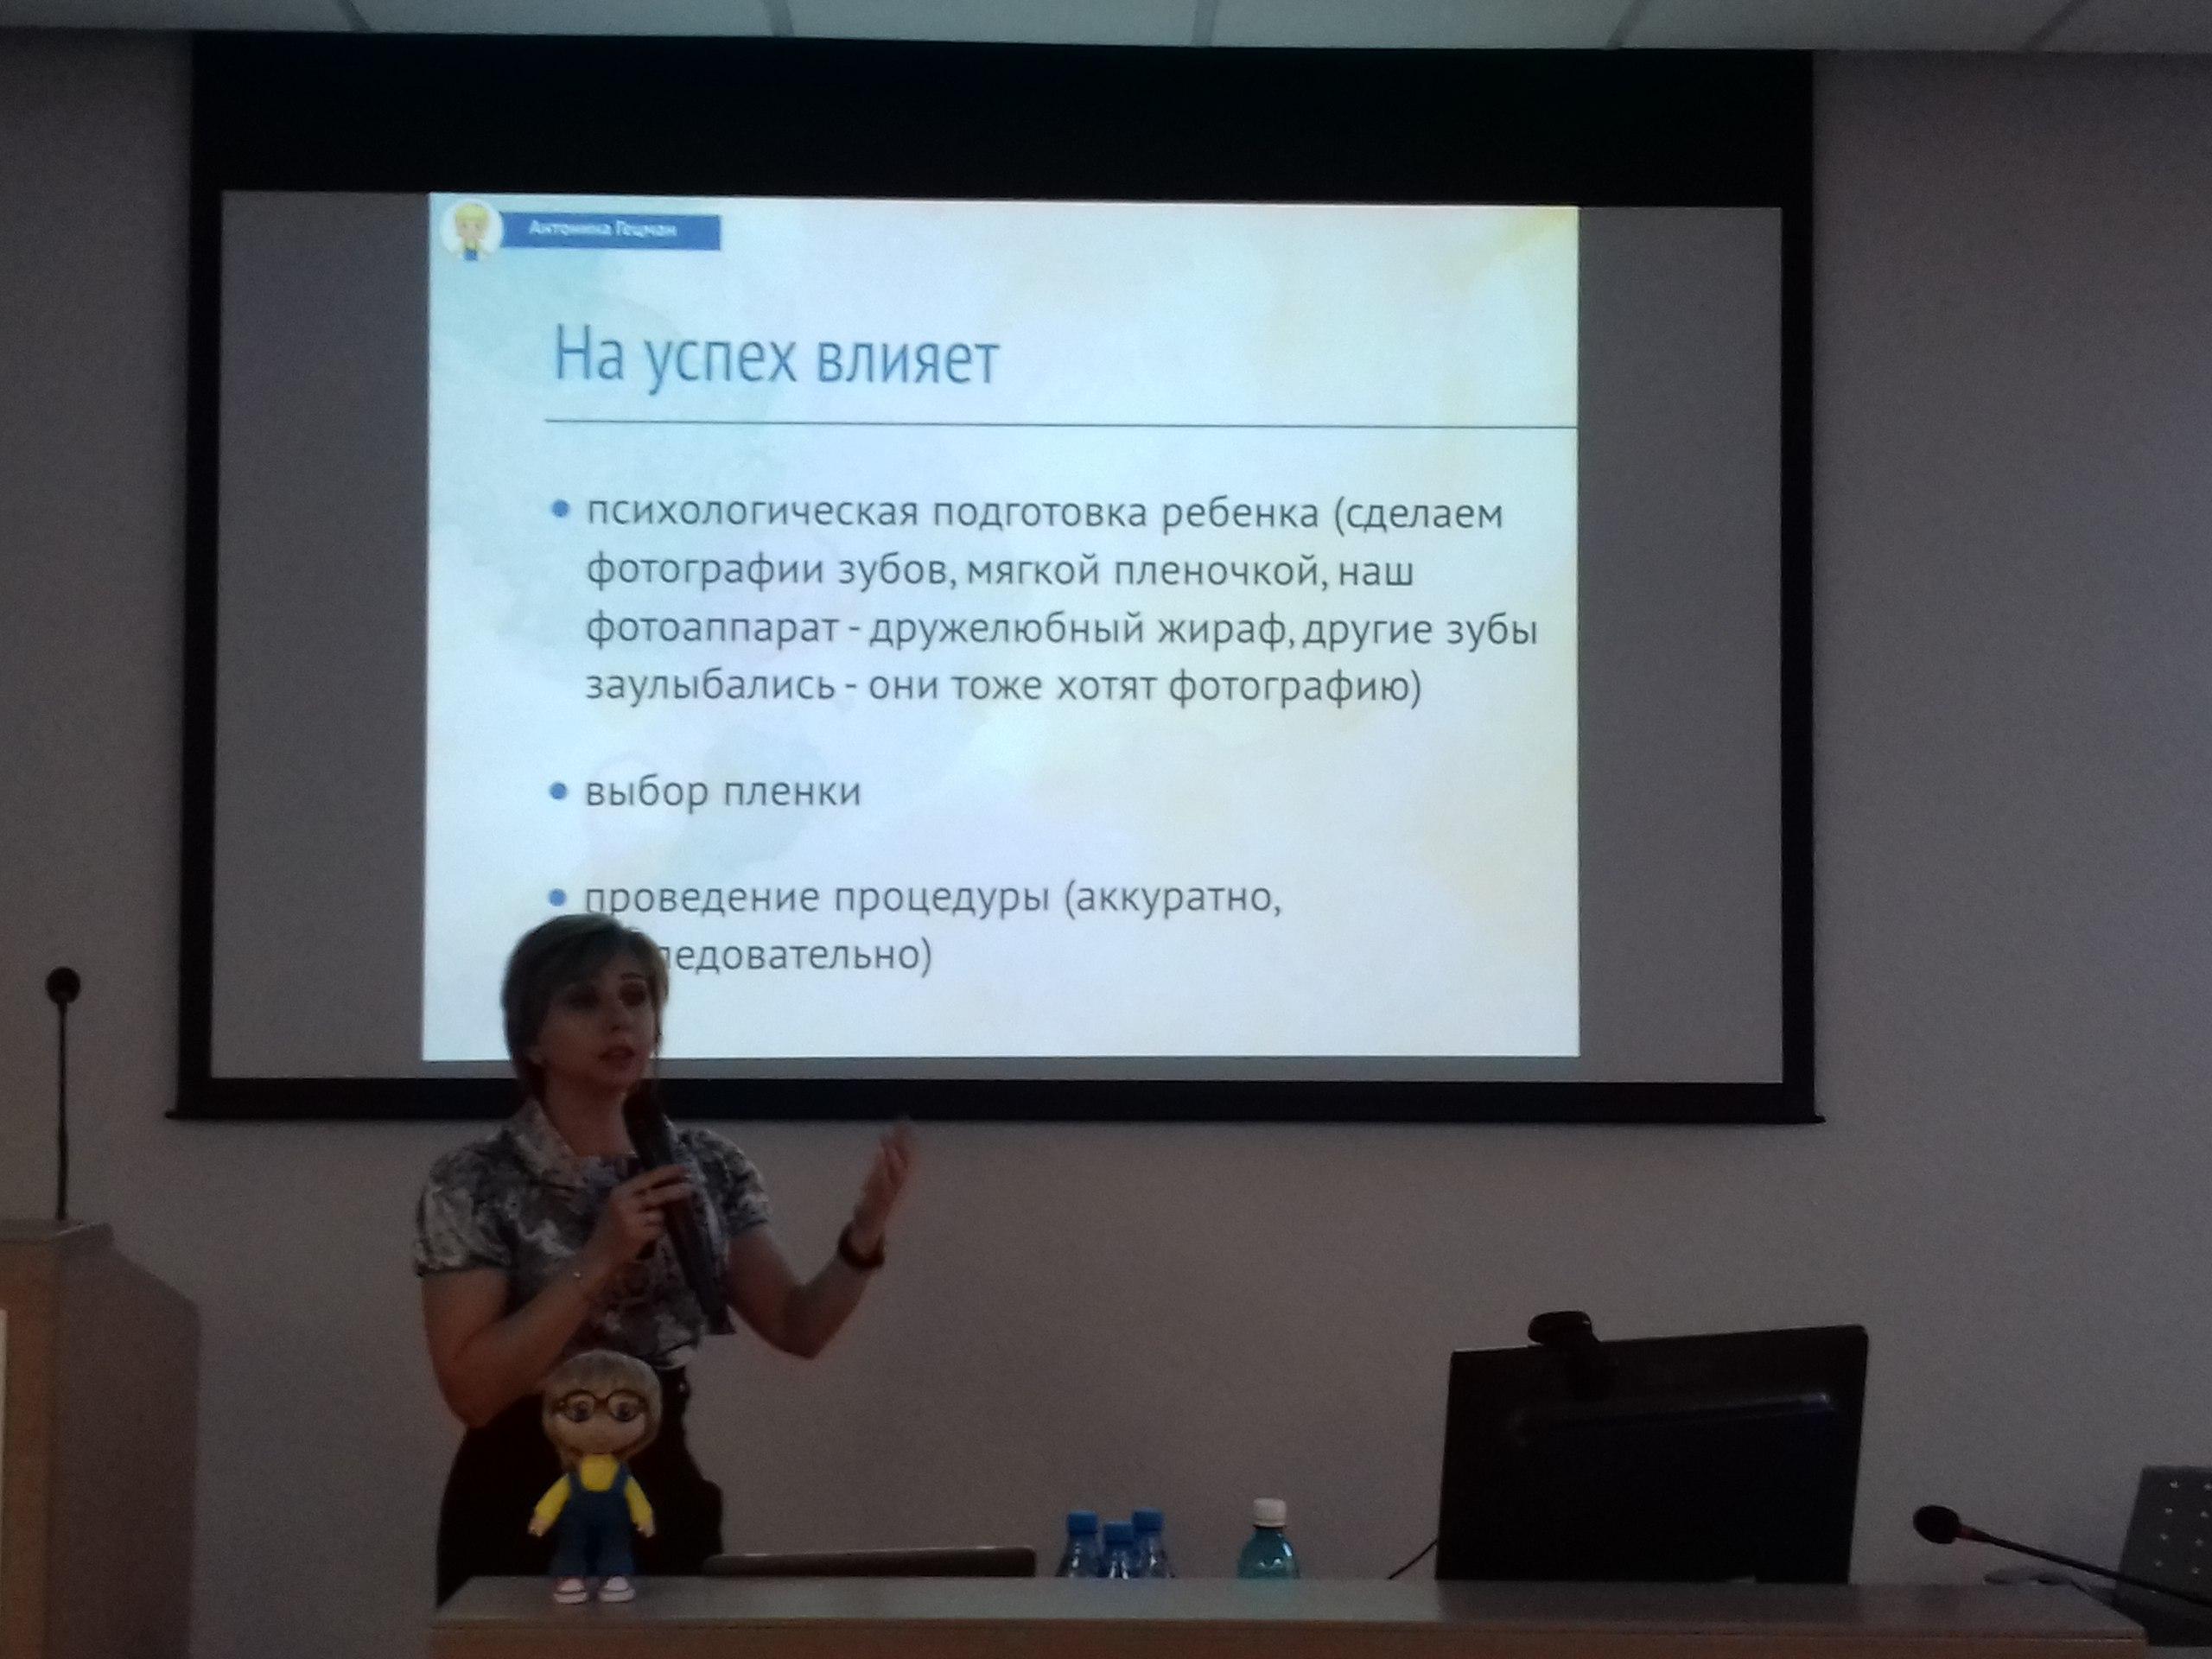 Семинар Антонины Гецман в Новосибирске «Менеджмент поведения в детской стоматологии. Этапы, визиты, план действий от простого к сложному. Действия каждого члена команды и родителей»